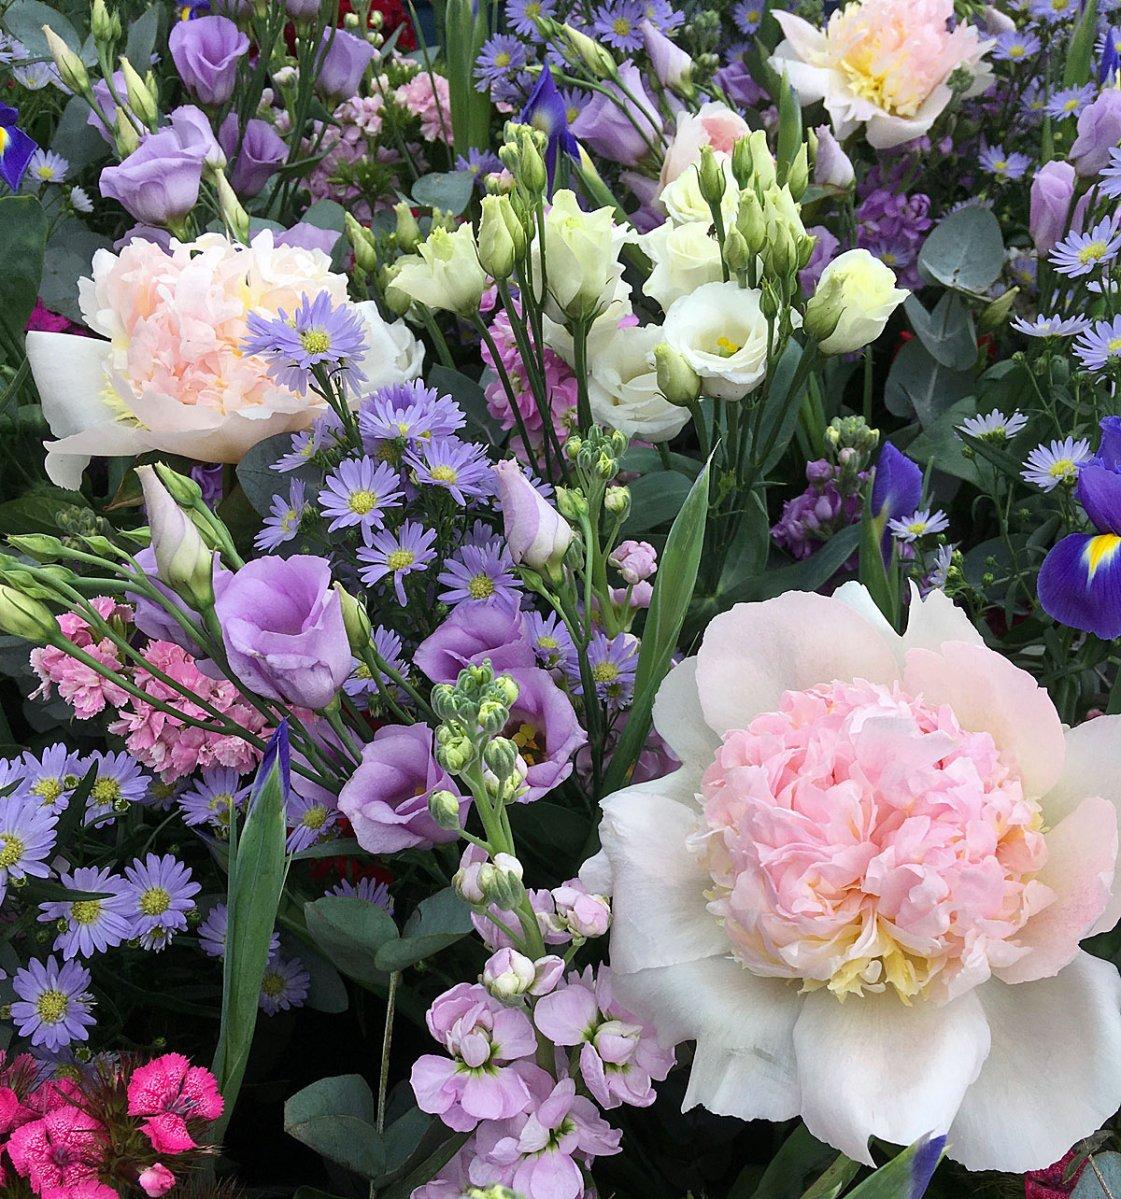 Peonies, lisianthus, asters, irises, stocks